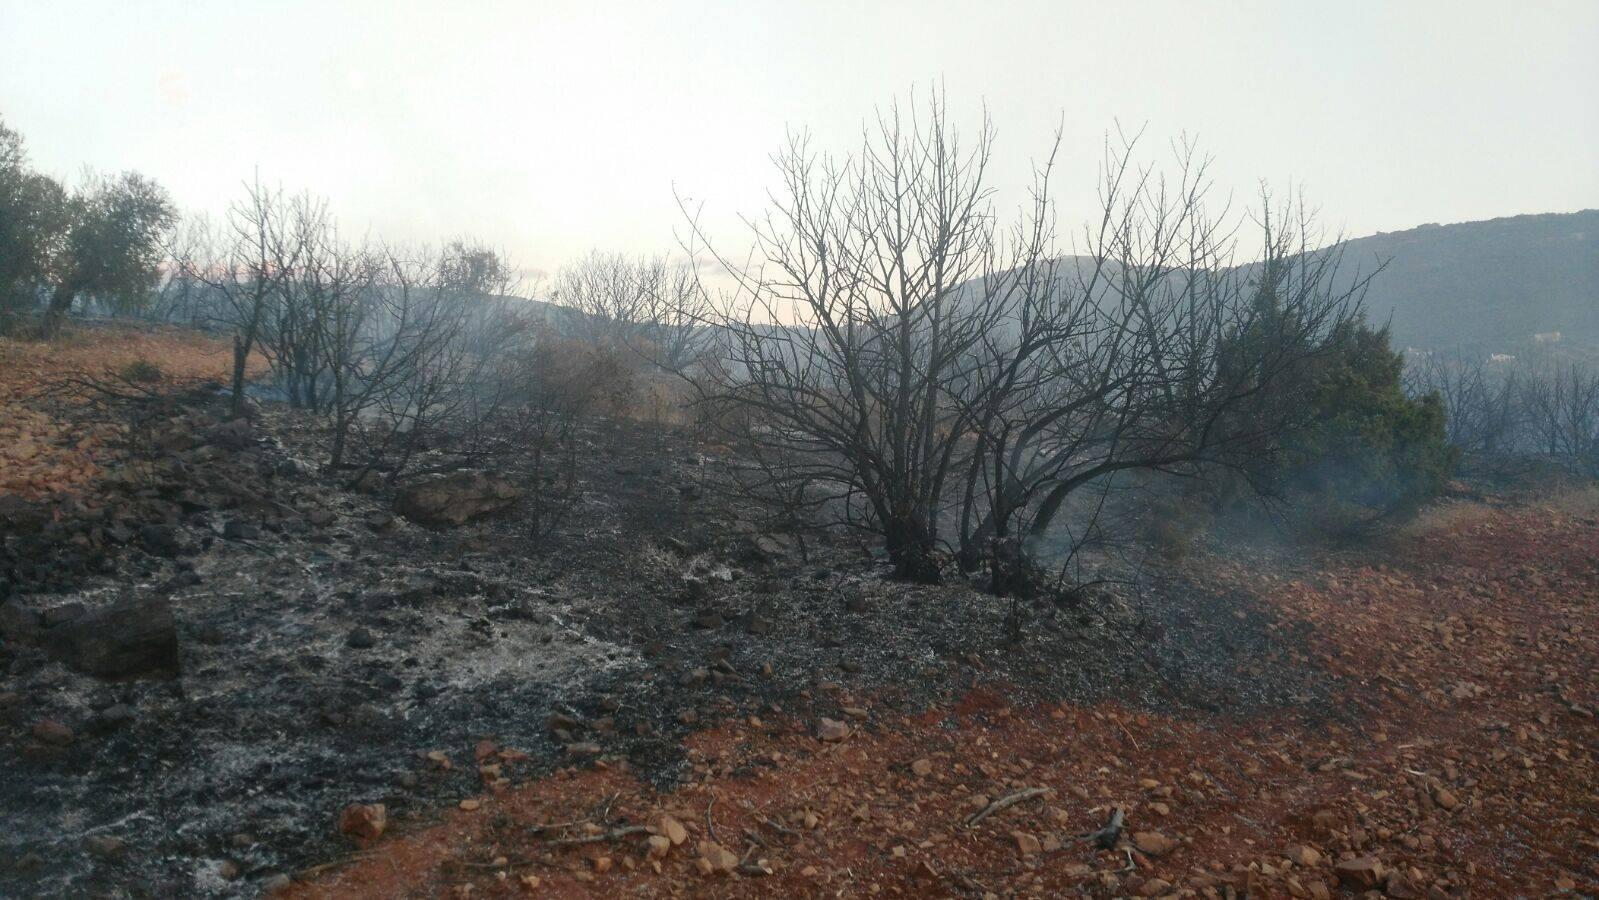 """incendio sierra el bombo herencia ciudad real 2 - Controlado el incendio en la Sierra """"El Bombo"""" de Herencia (Ciudad Real)"""